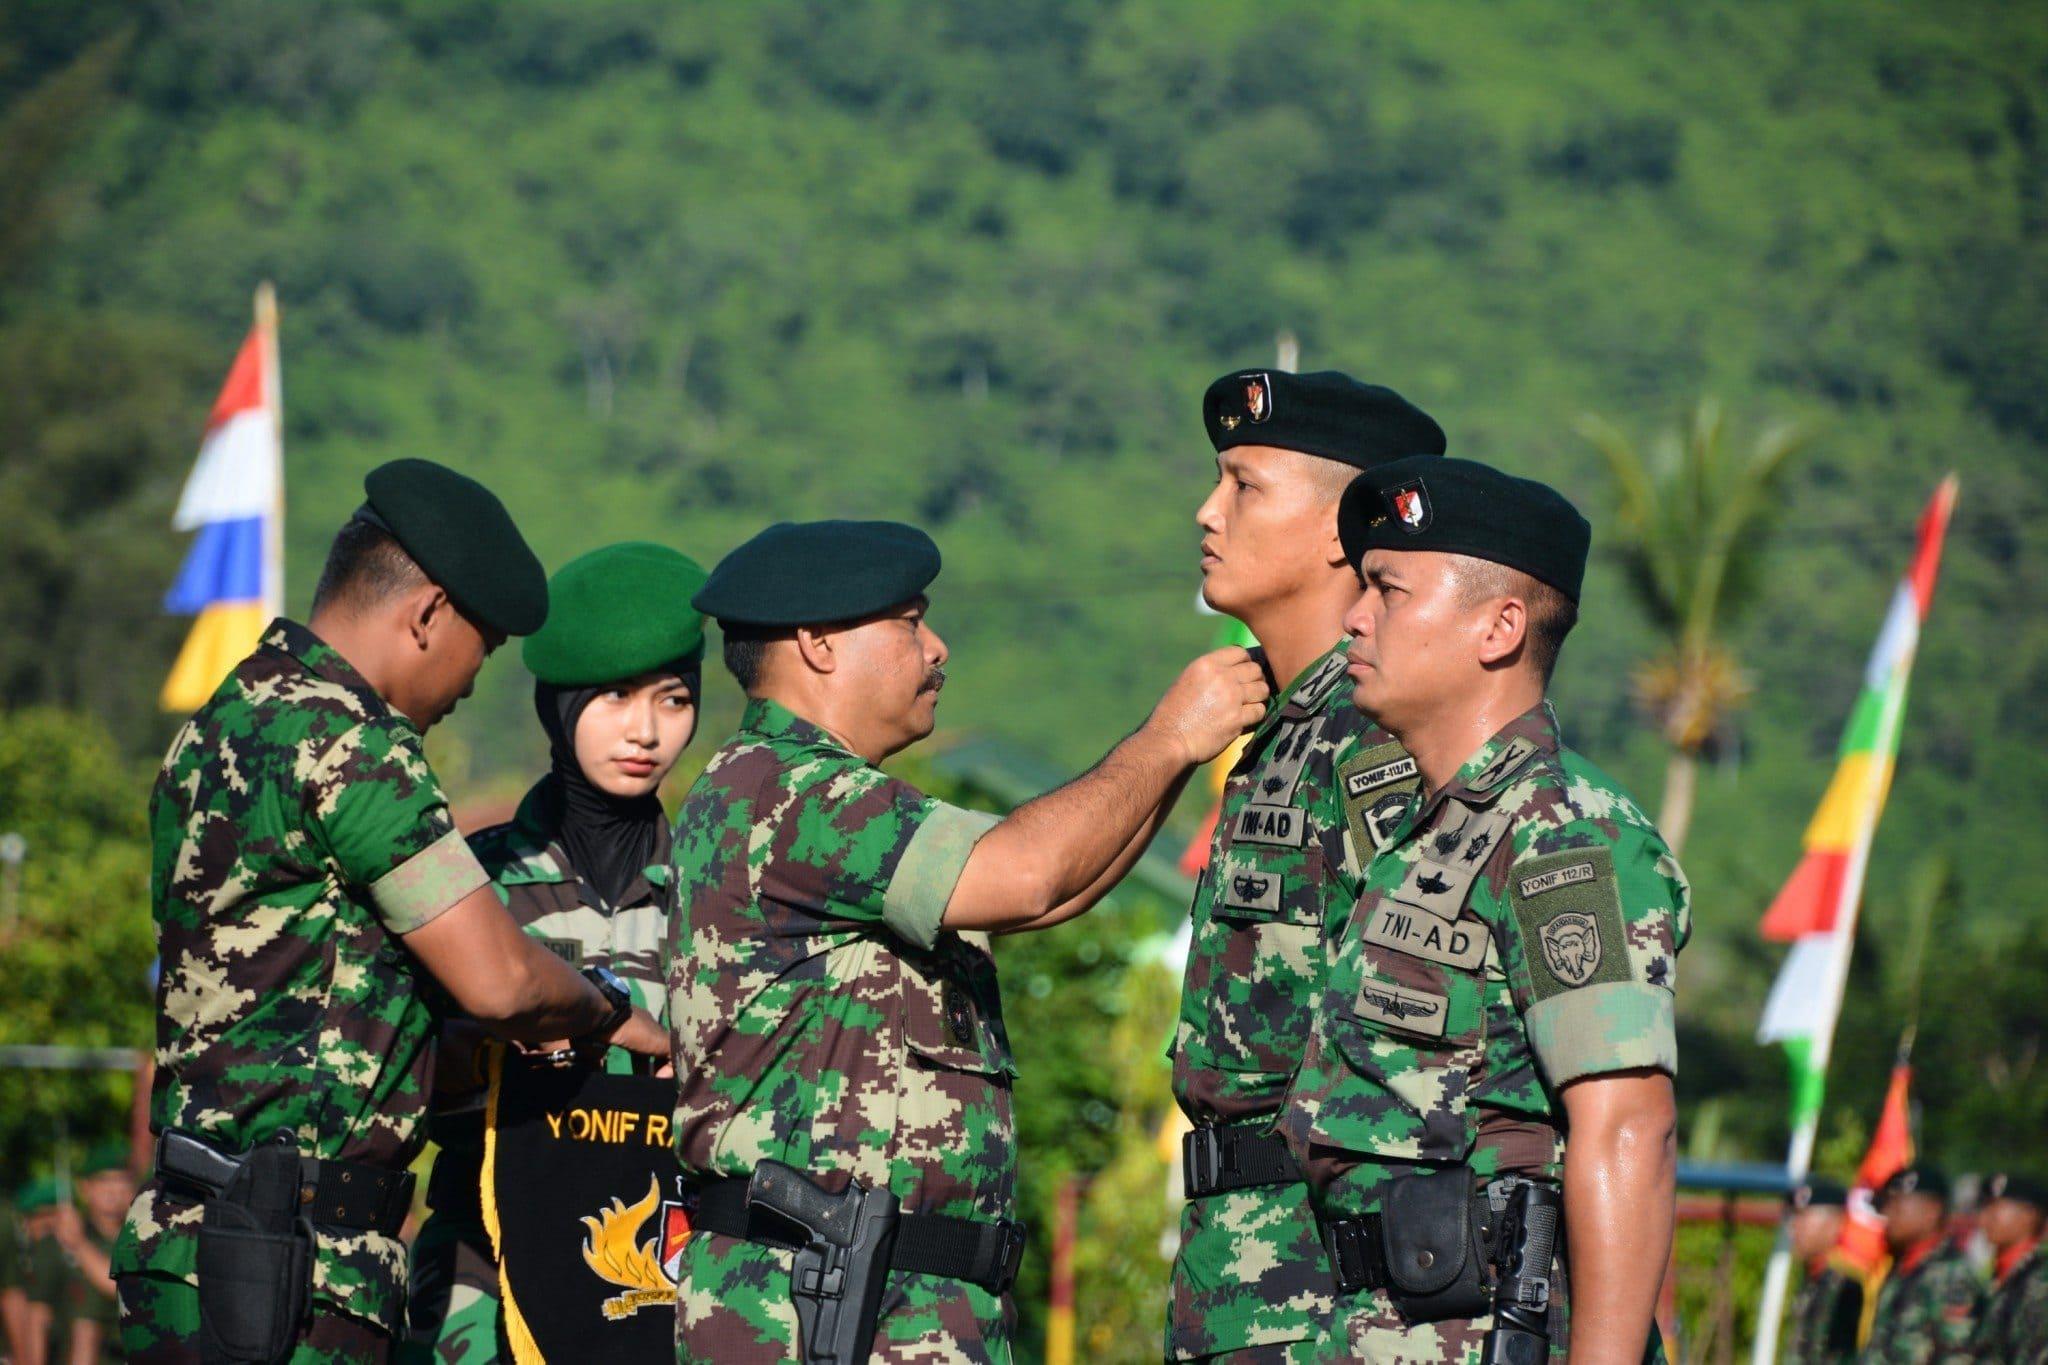 Danyonif Raider 112/Dharma Jaya di Serahterimakan